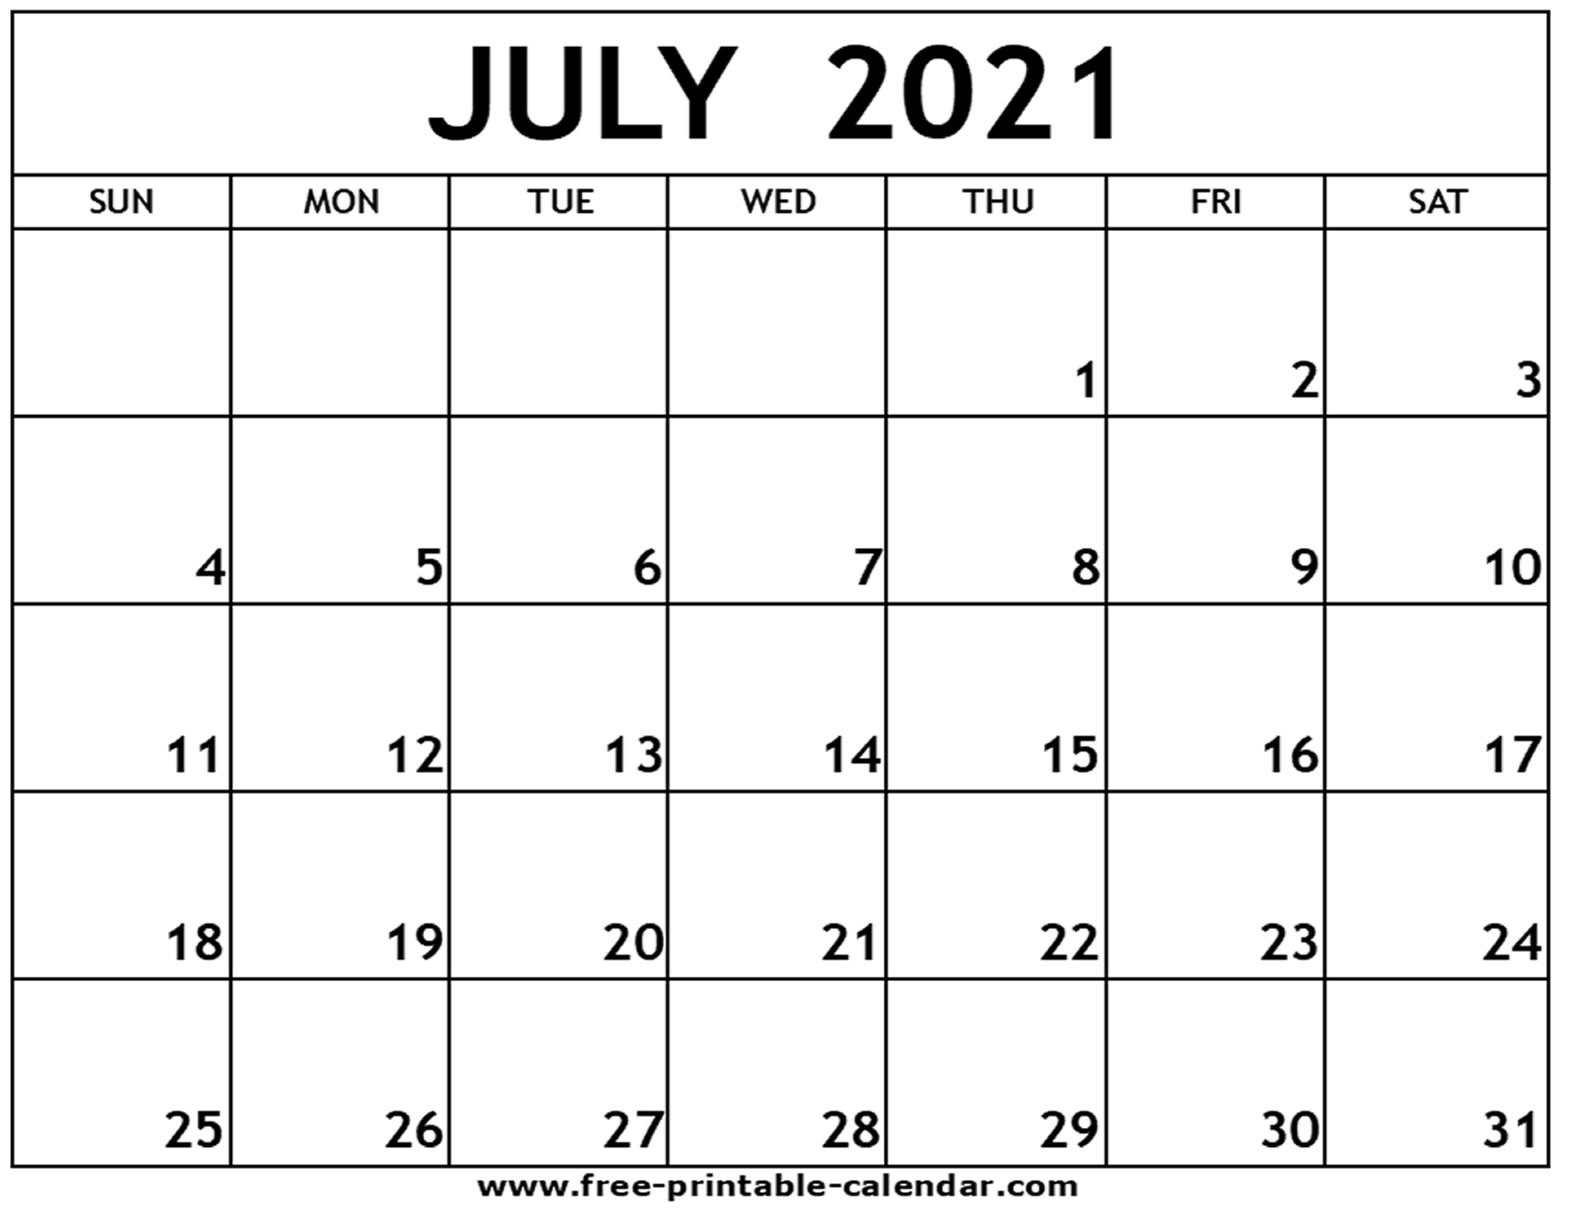 Get July 2021 Calendar Template